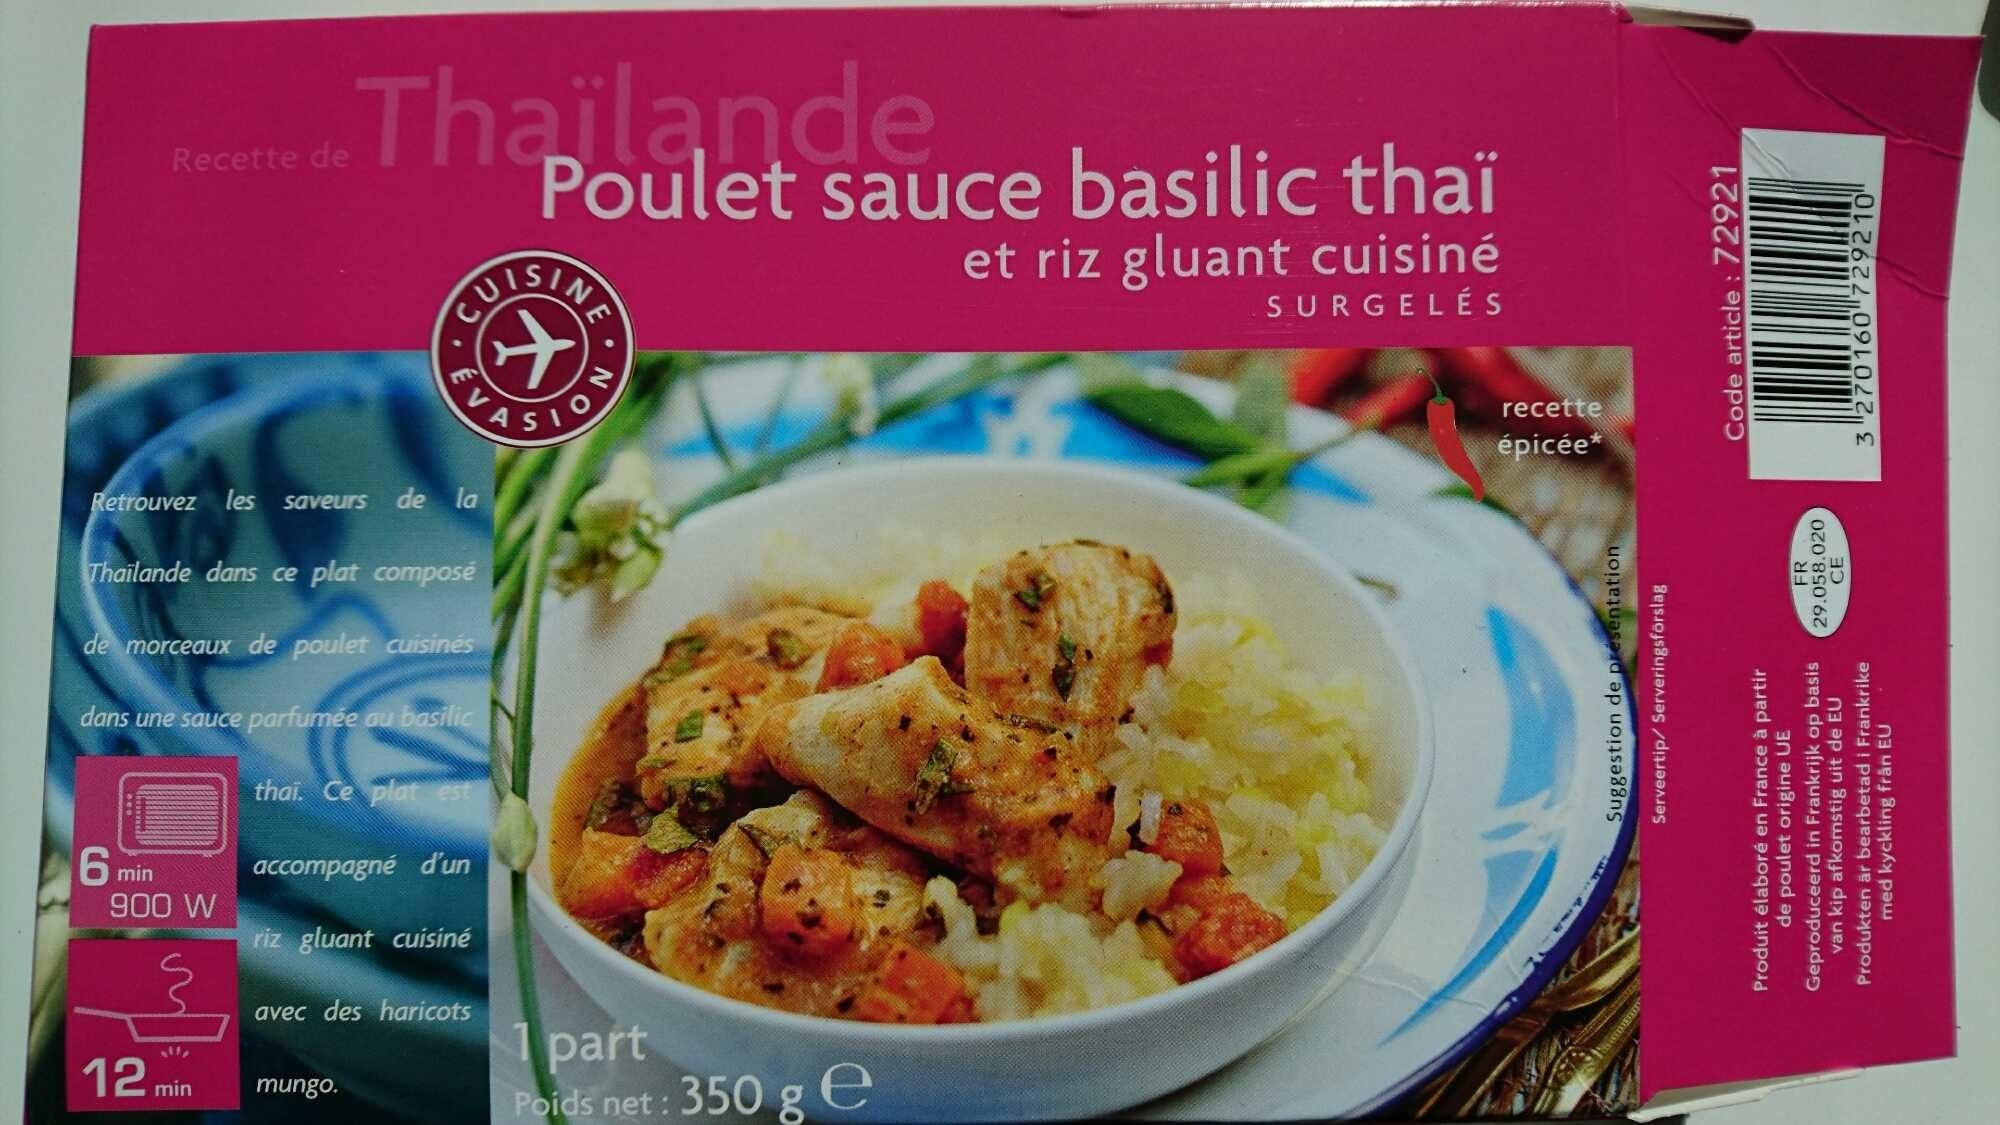 Poulet Sauce Basilic Thai Et Riz Gluant Cuisine Picard 350 G E